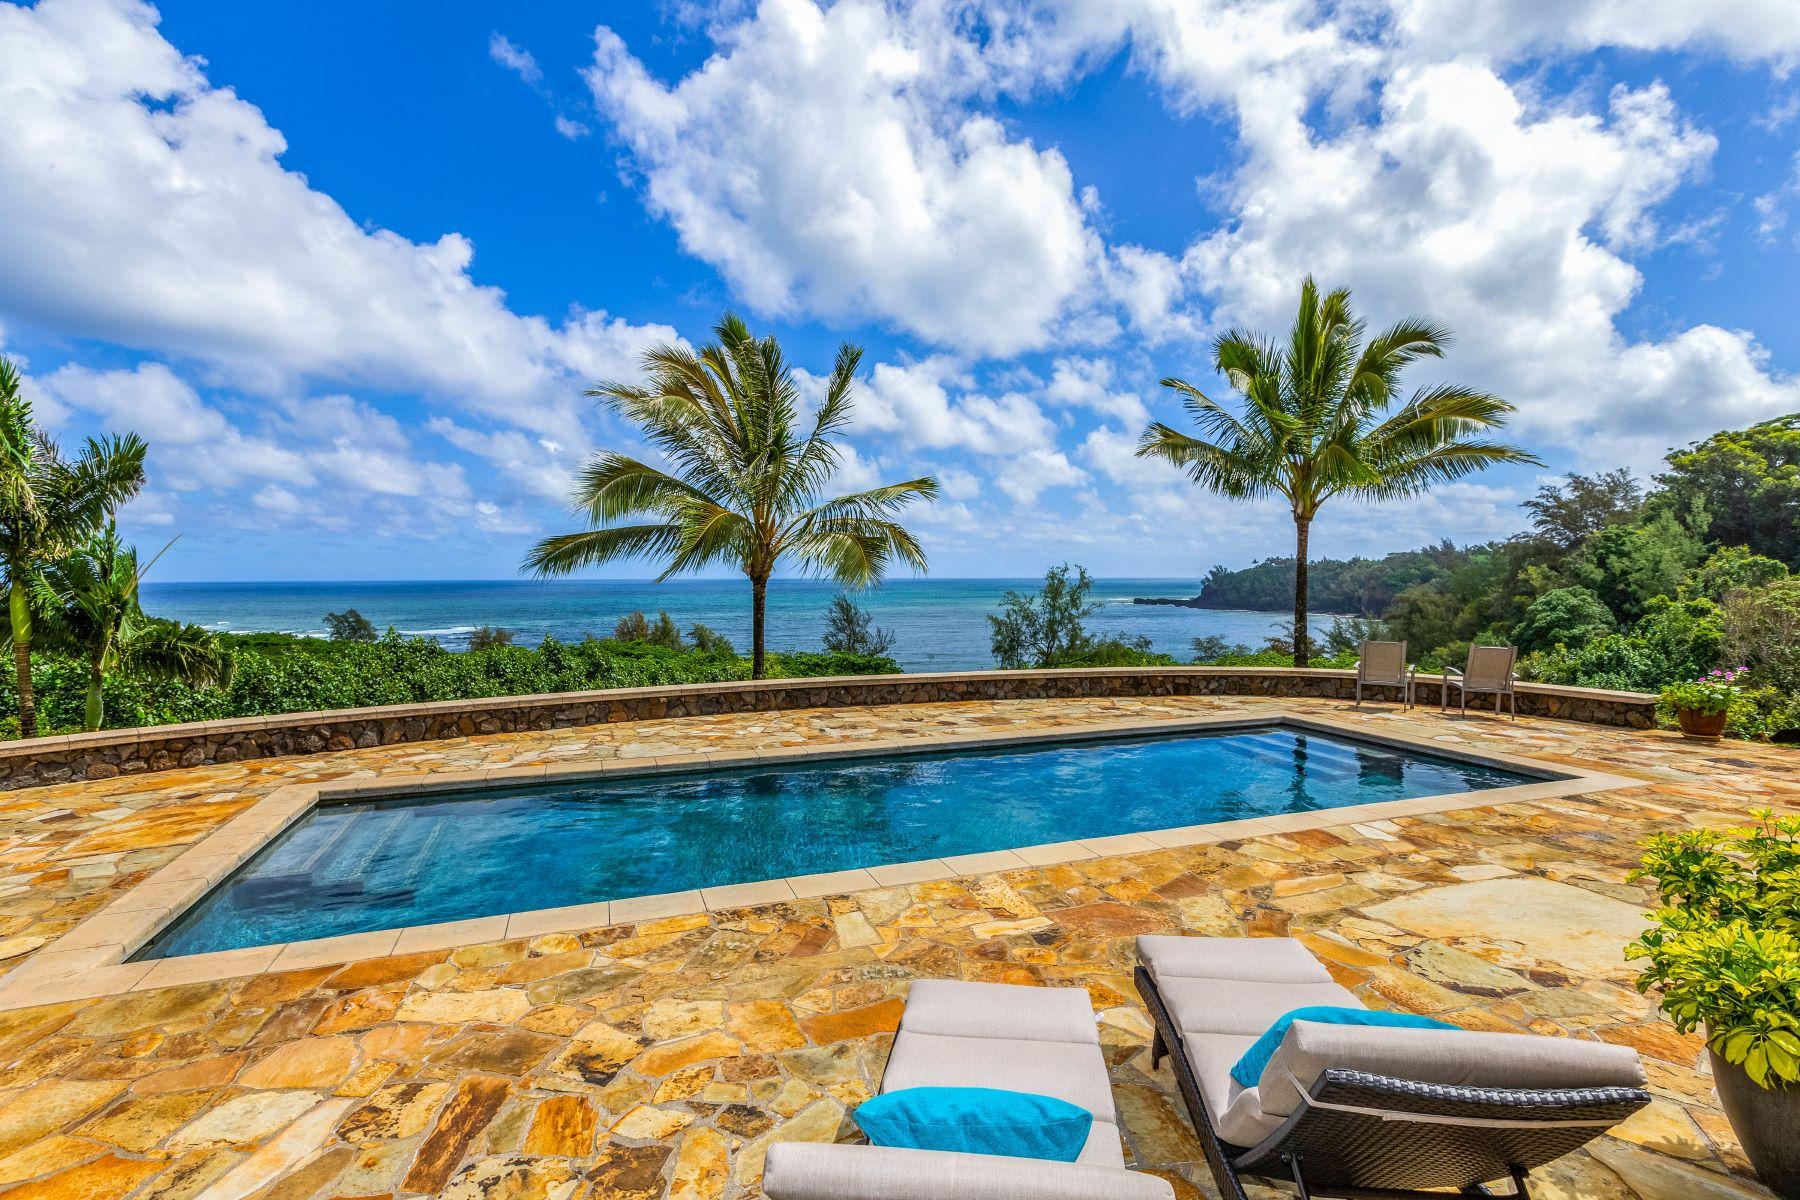 Single Family Homes for Active at Kalihiwai Bay View Estates 3265 Anini Road #A Kilauea, Hawaii 96754 United States